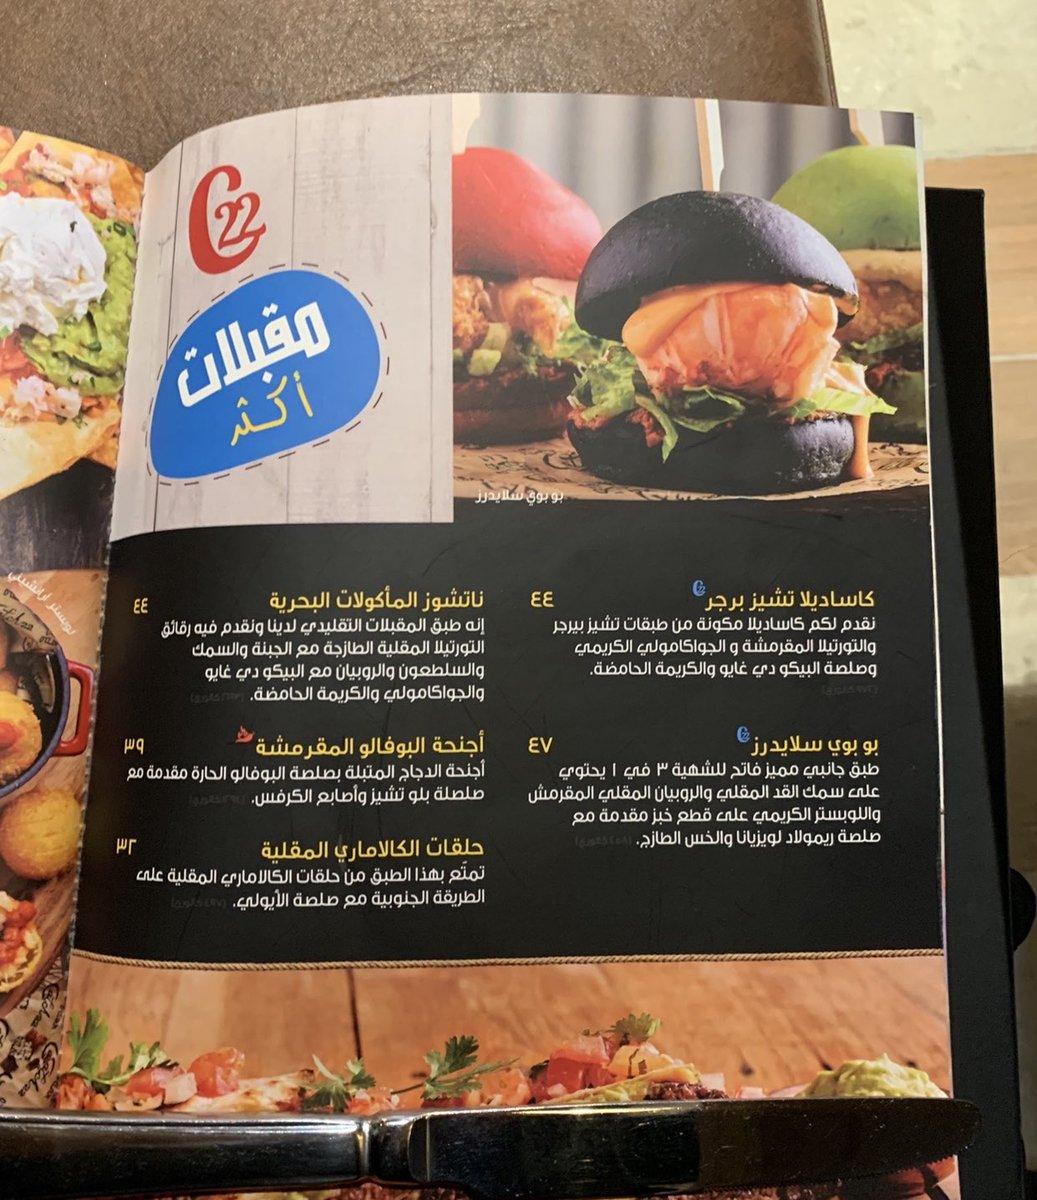 أسعار منيو و رقم عنوان فروع مطعم كاتش 22 السعودية